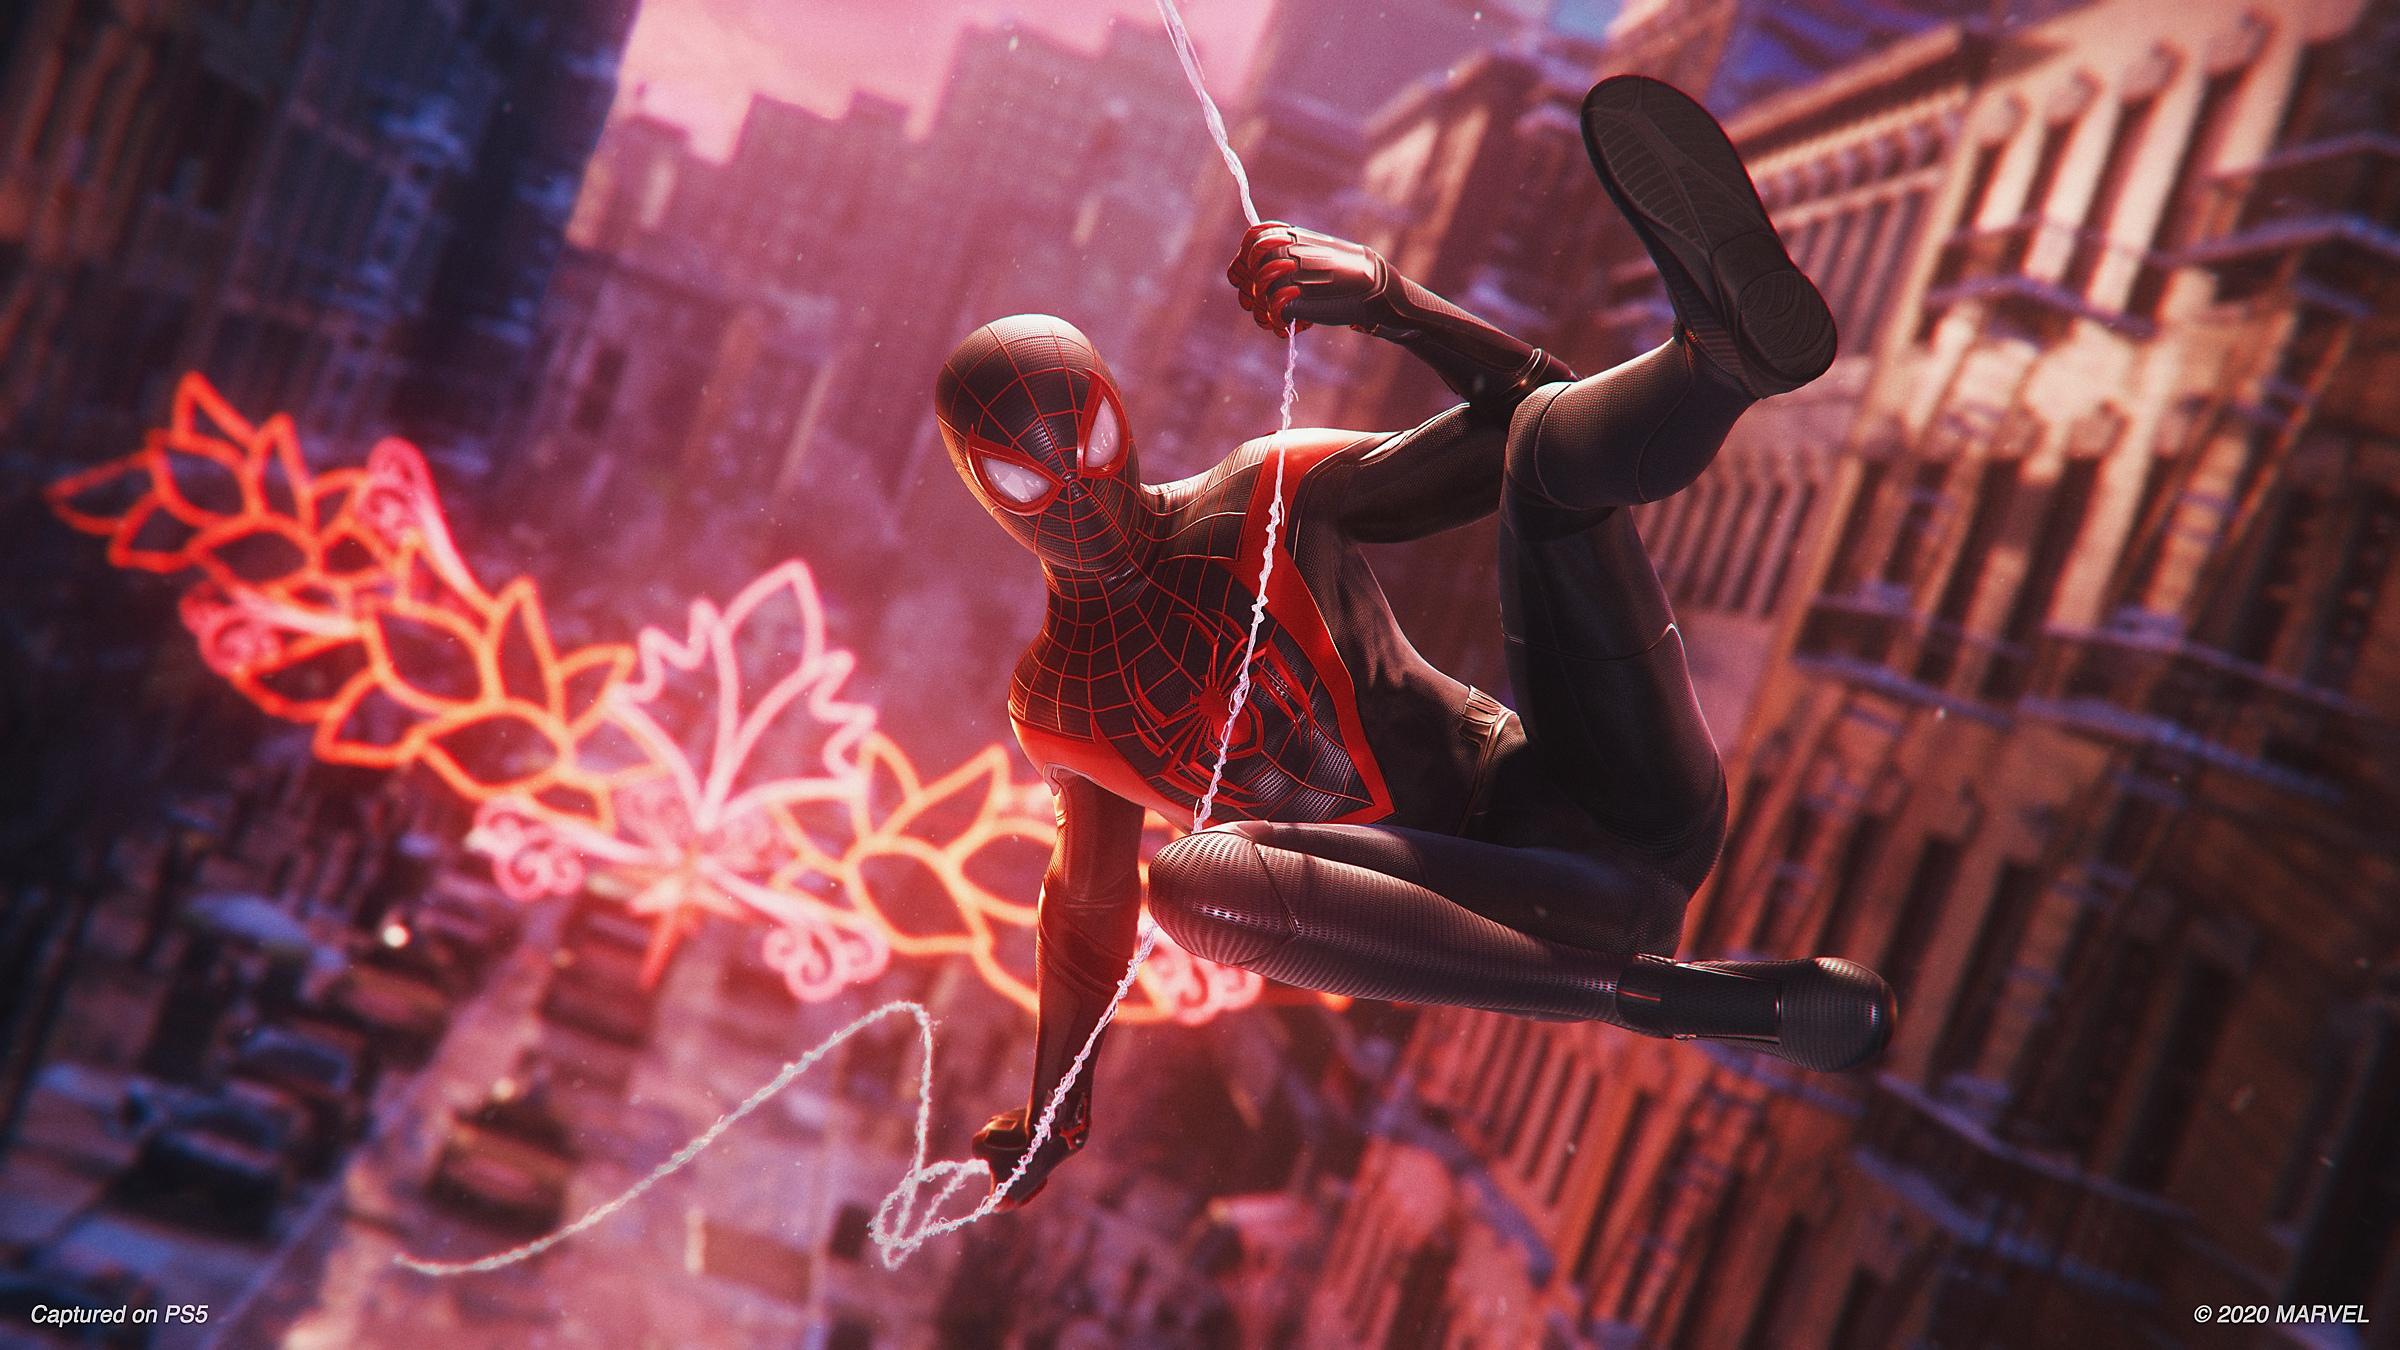 Аренда Человек-Паук Майлз Моралес на PlayStation 4